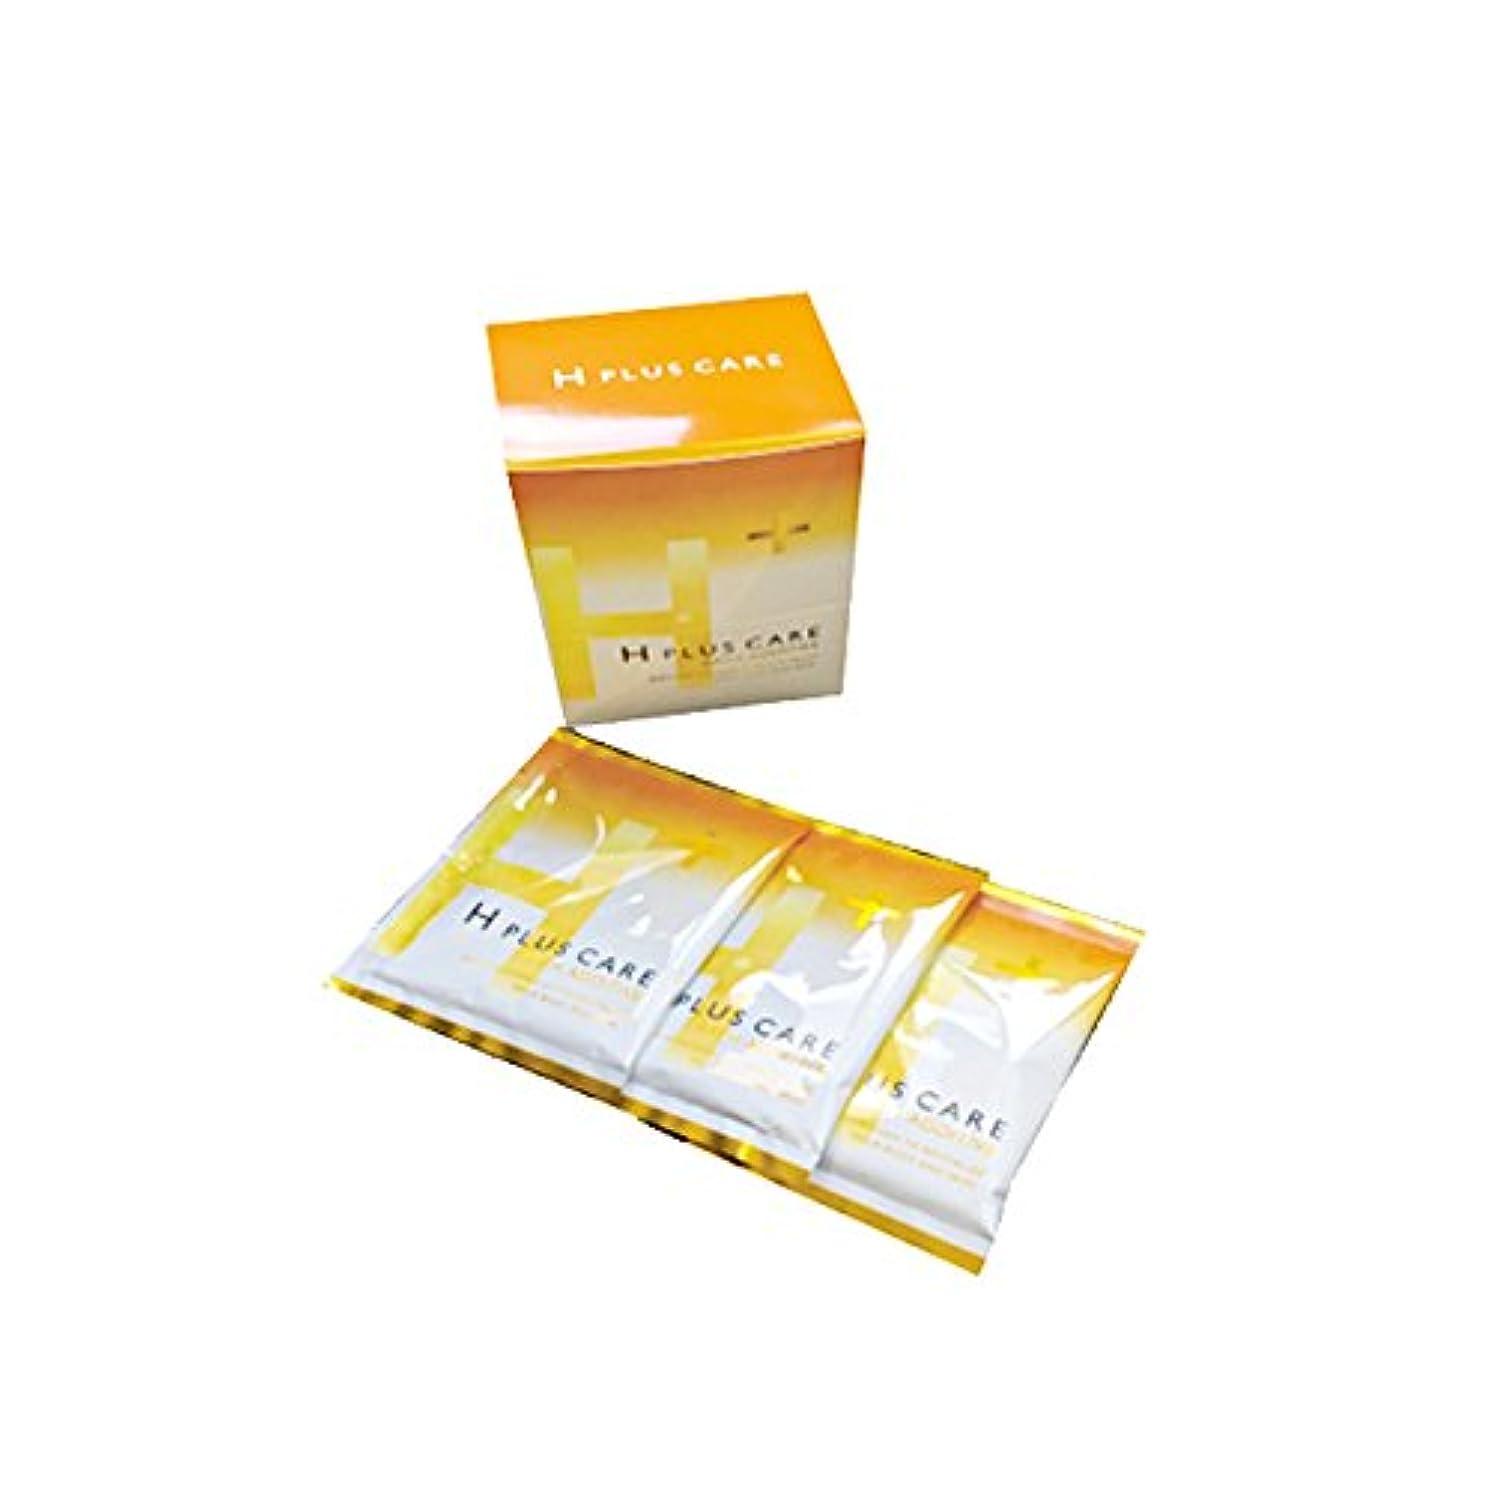 に向けて出発その後マキシム水素浴用剤 H PLUS CARE(エイチプラスケア) 450g(45g×10包) アンタレス